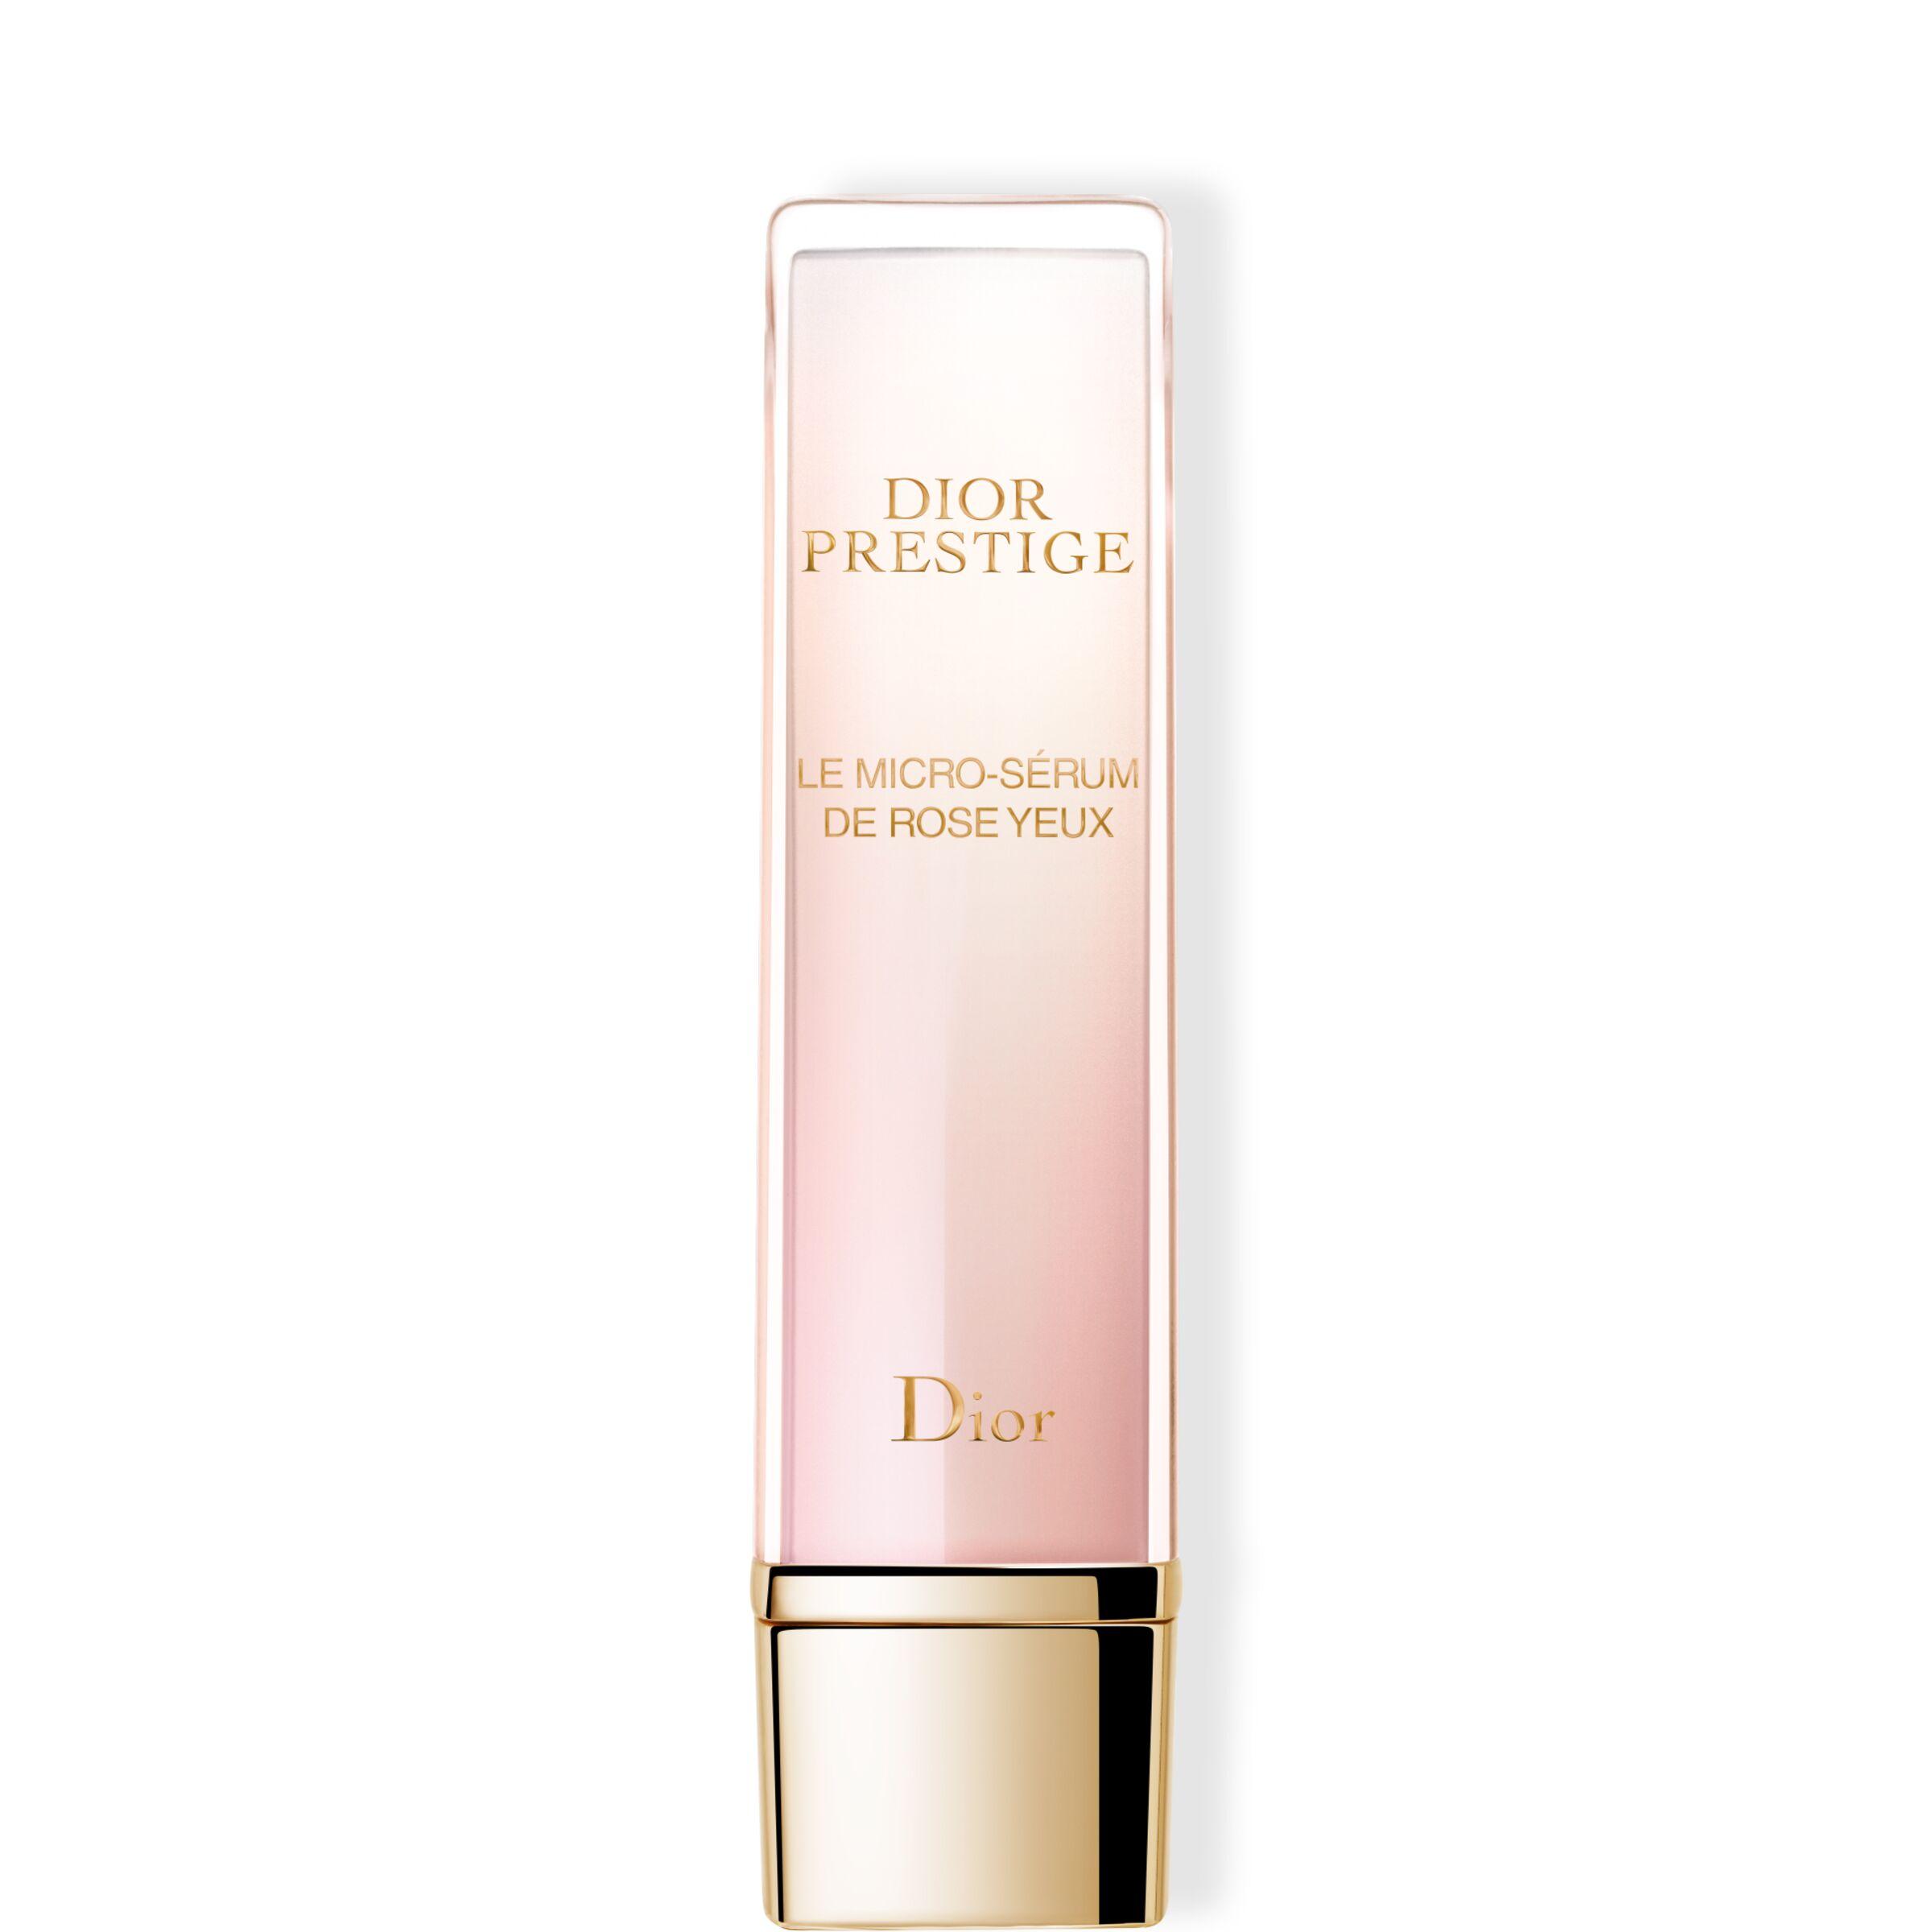 Dior Prestige Le Micro-Serum De Rose 15ml